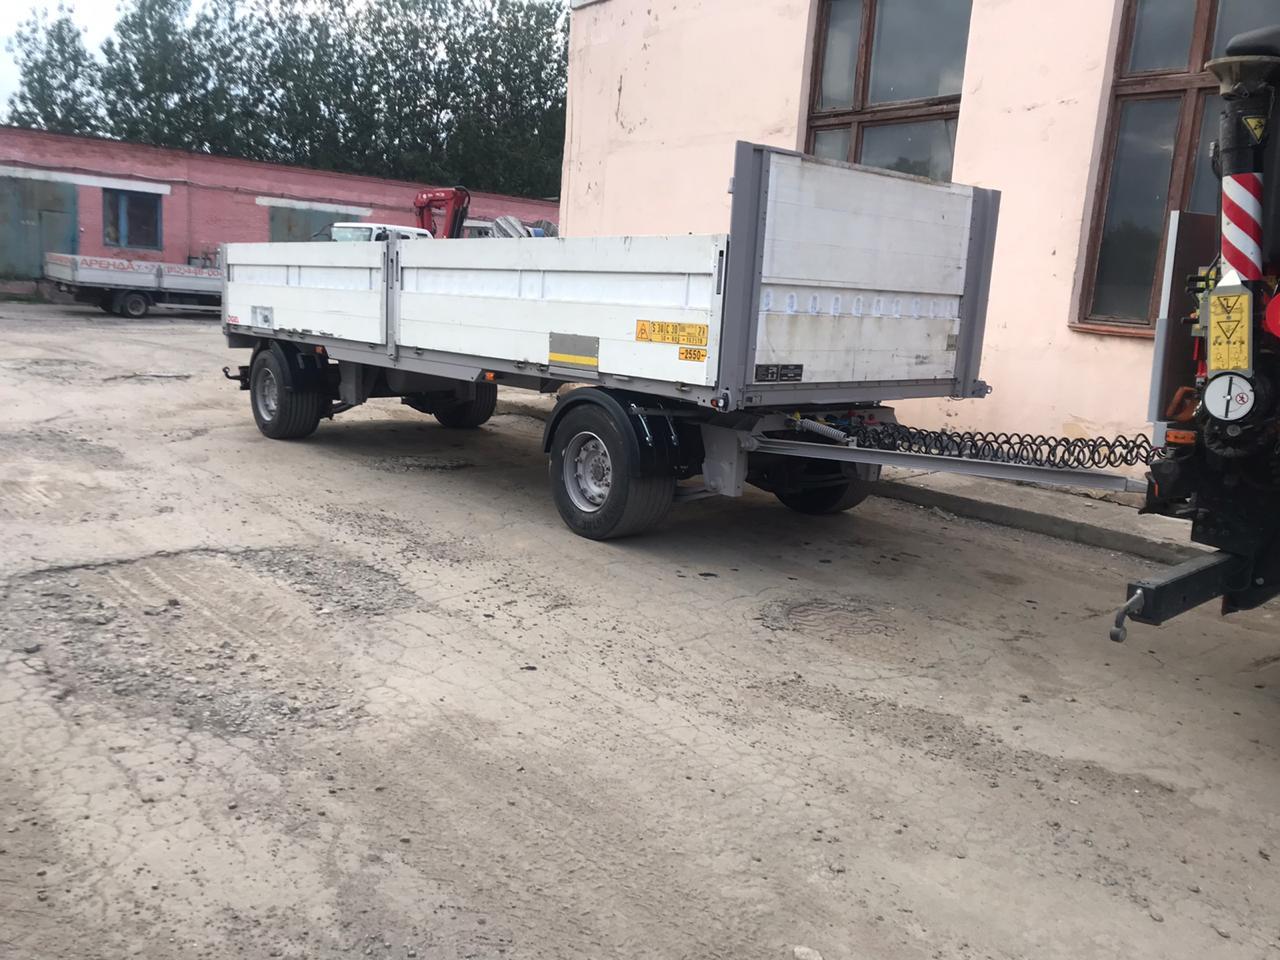 Бортовой прицеп с аппарелями для перевозки негабаритов и спецтехники массой до 15 тонн